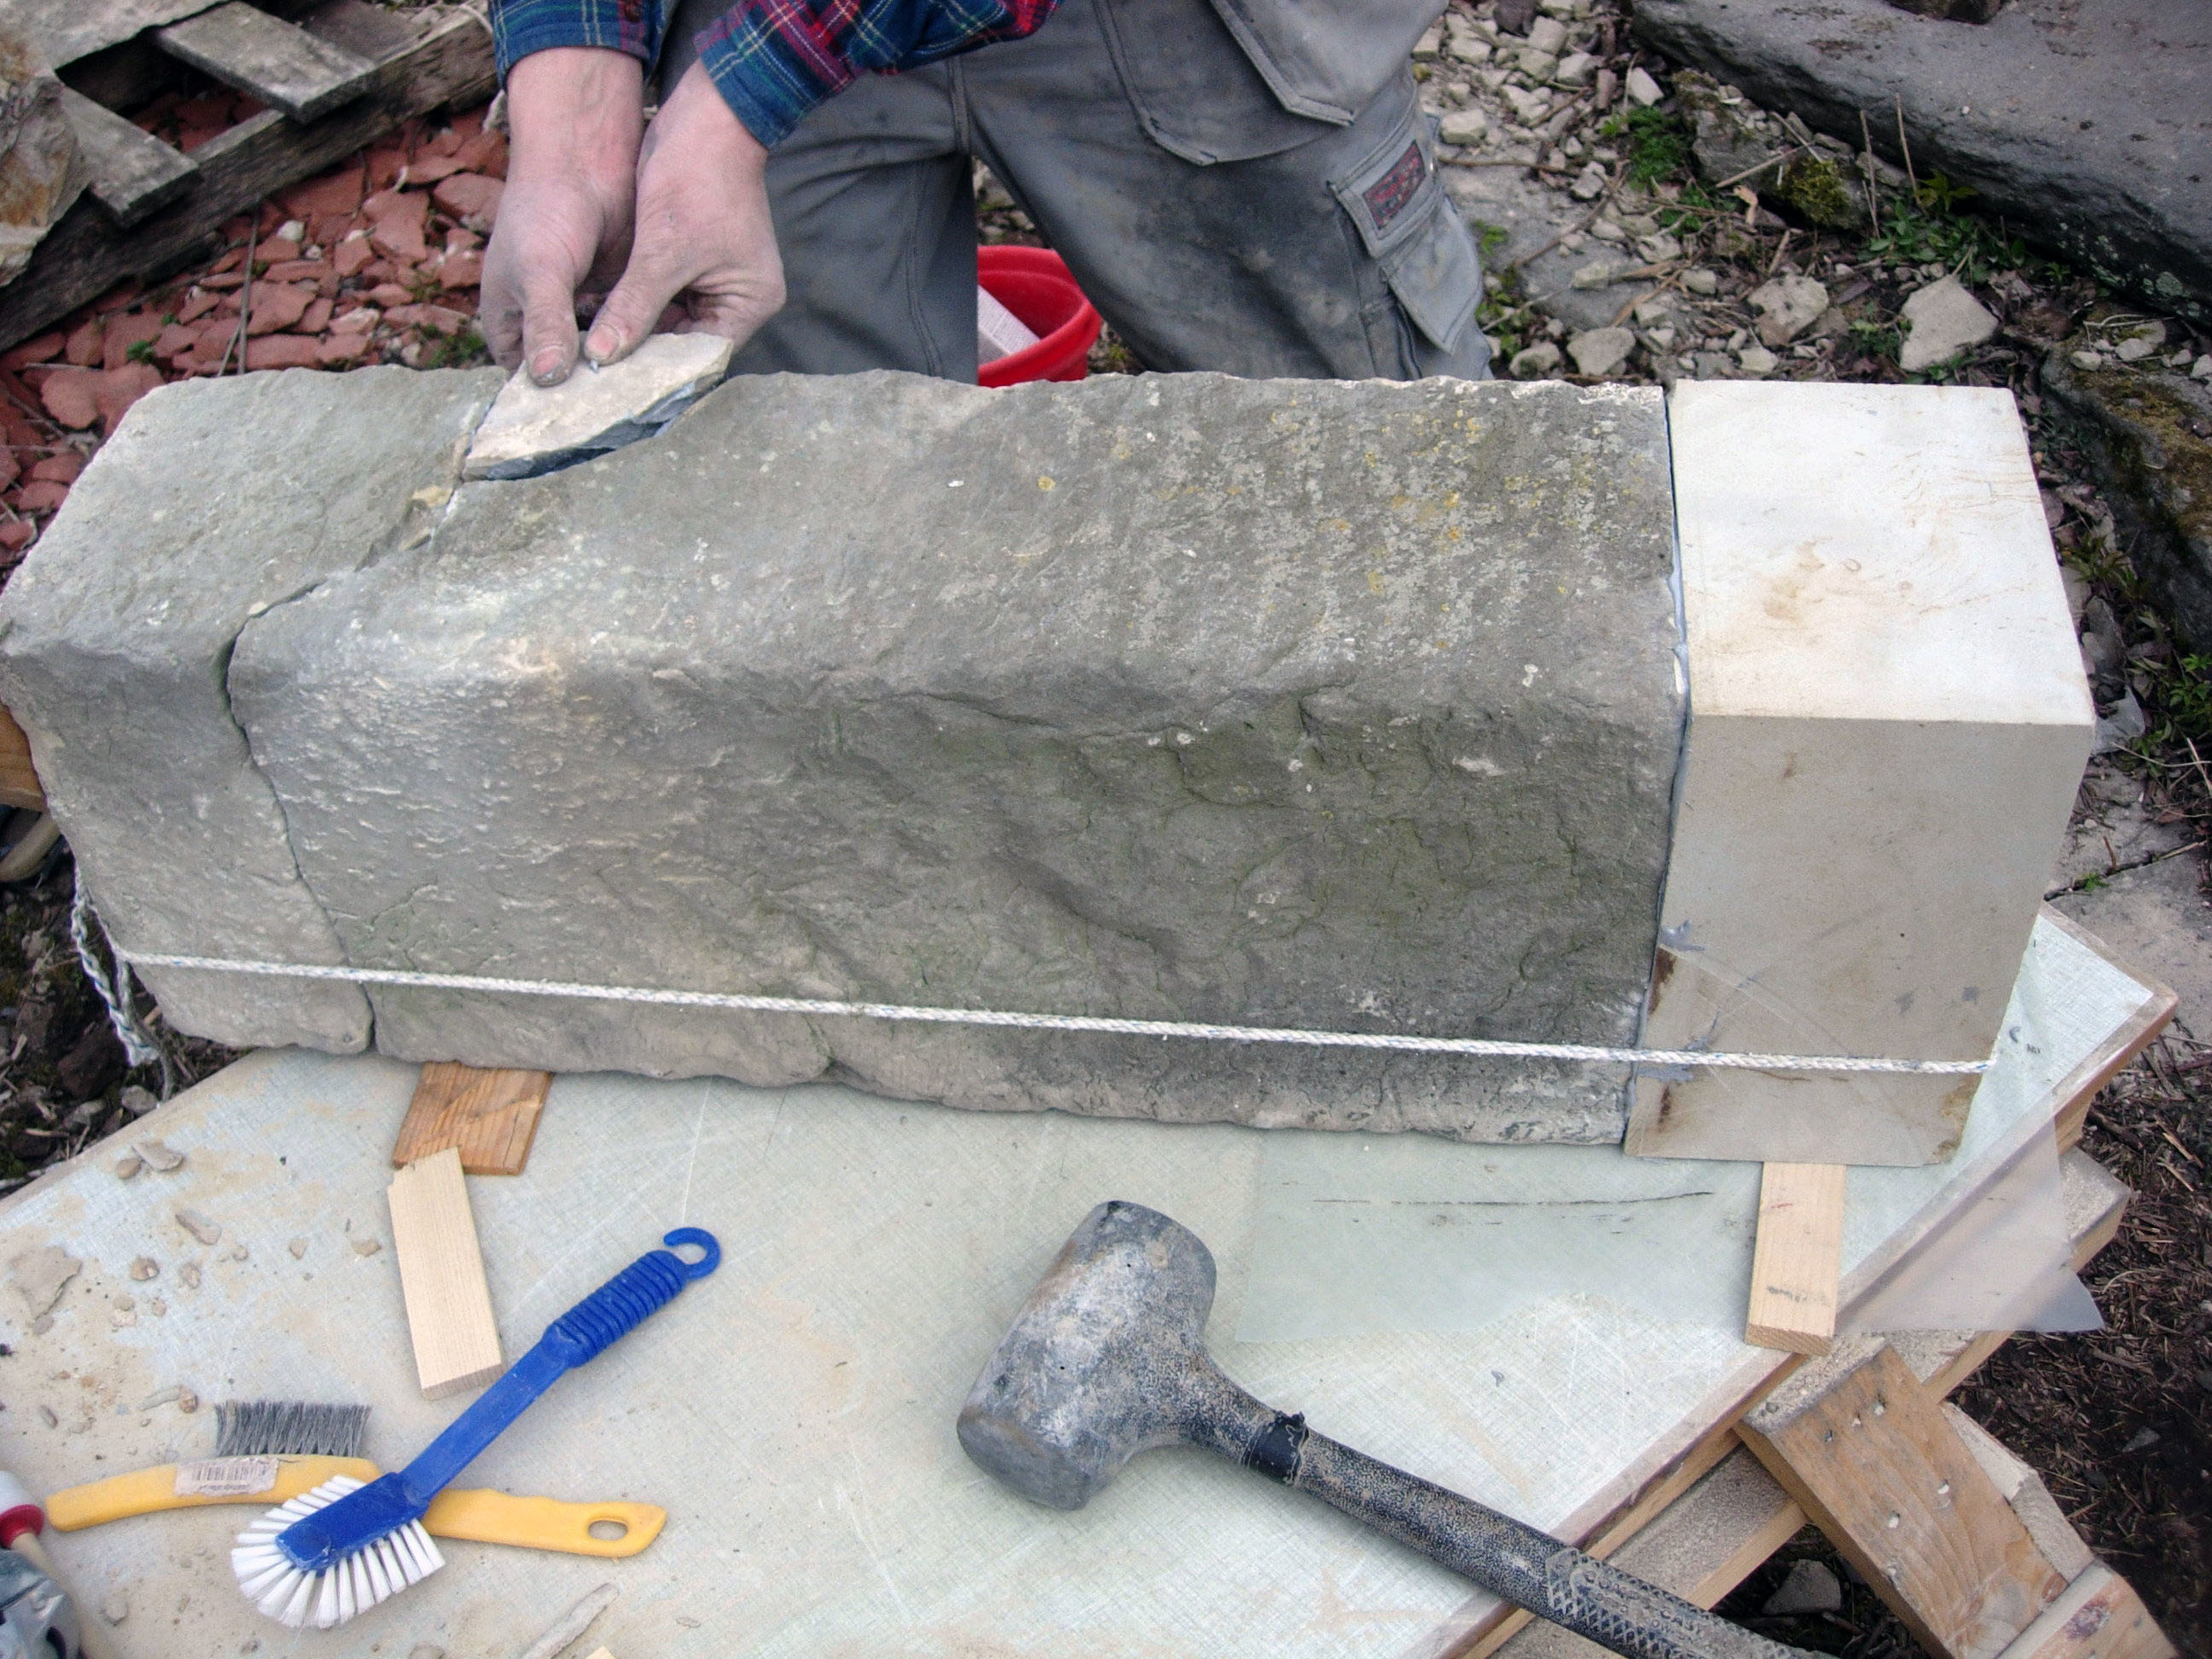 Lagning och stenbyte  Trender påverkar hur det lagas och hur mycket som lagas.Några anledningar till att laga upp skadad sten kan t.ex. vara:   tekniska – stenens nedbrytningstakt ökar om inget görs.   estetiska – upplevelsen av byggnaden förminskas eller blir felaktig.   antikvariska – se ovan, även frysa i nuvarande tillstånd osv.   ekonomiska – byggnadens ekonomiska värde och budgeten för konserveringen.   säkerhetsmässiga – delar riskerar att falla ner och skada människor.